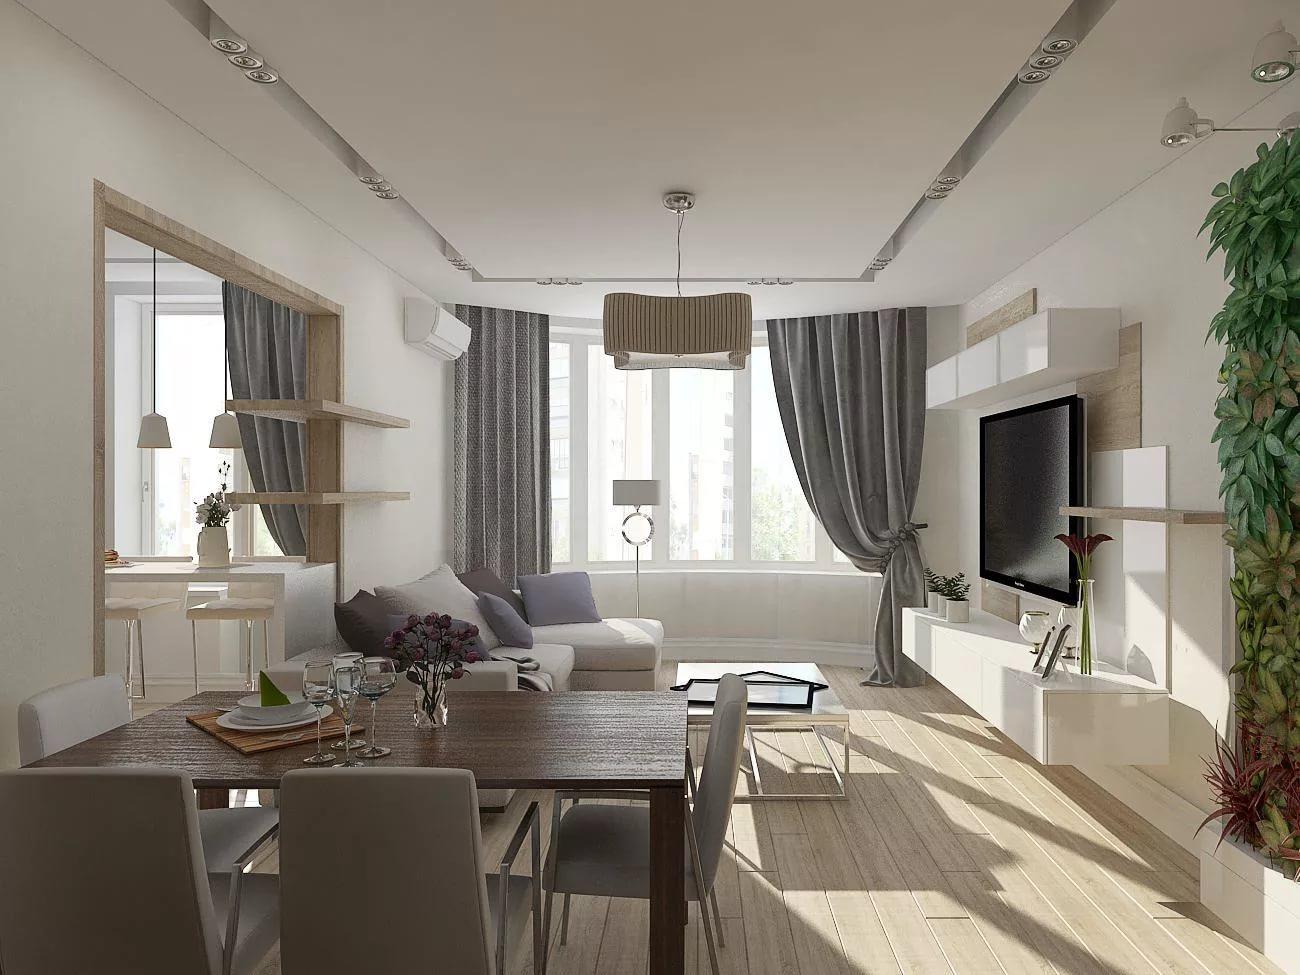 Трехконатная квартира в стиле модерн